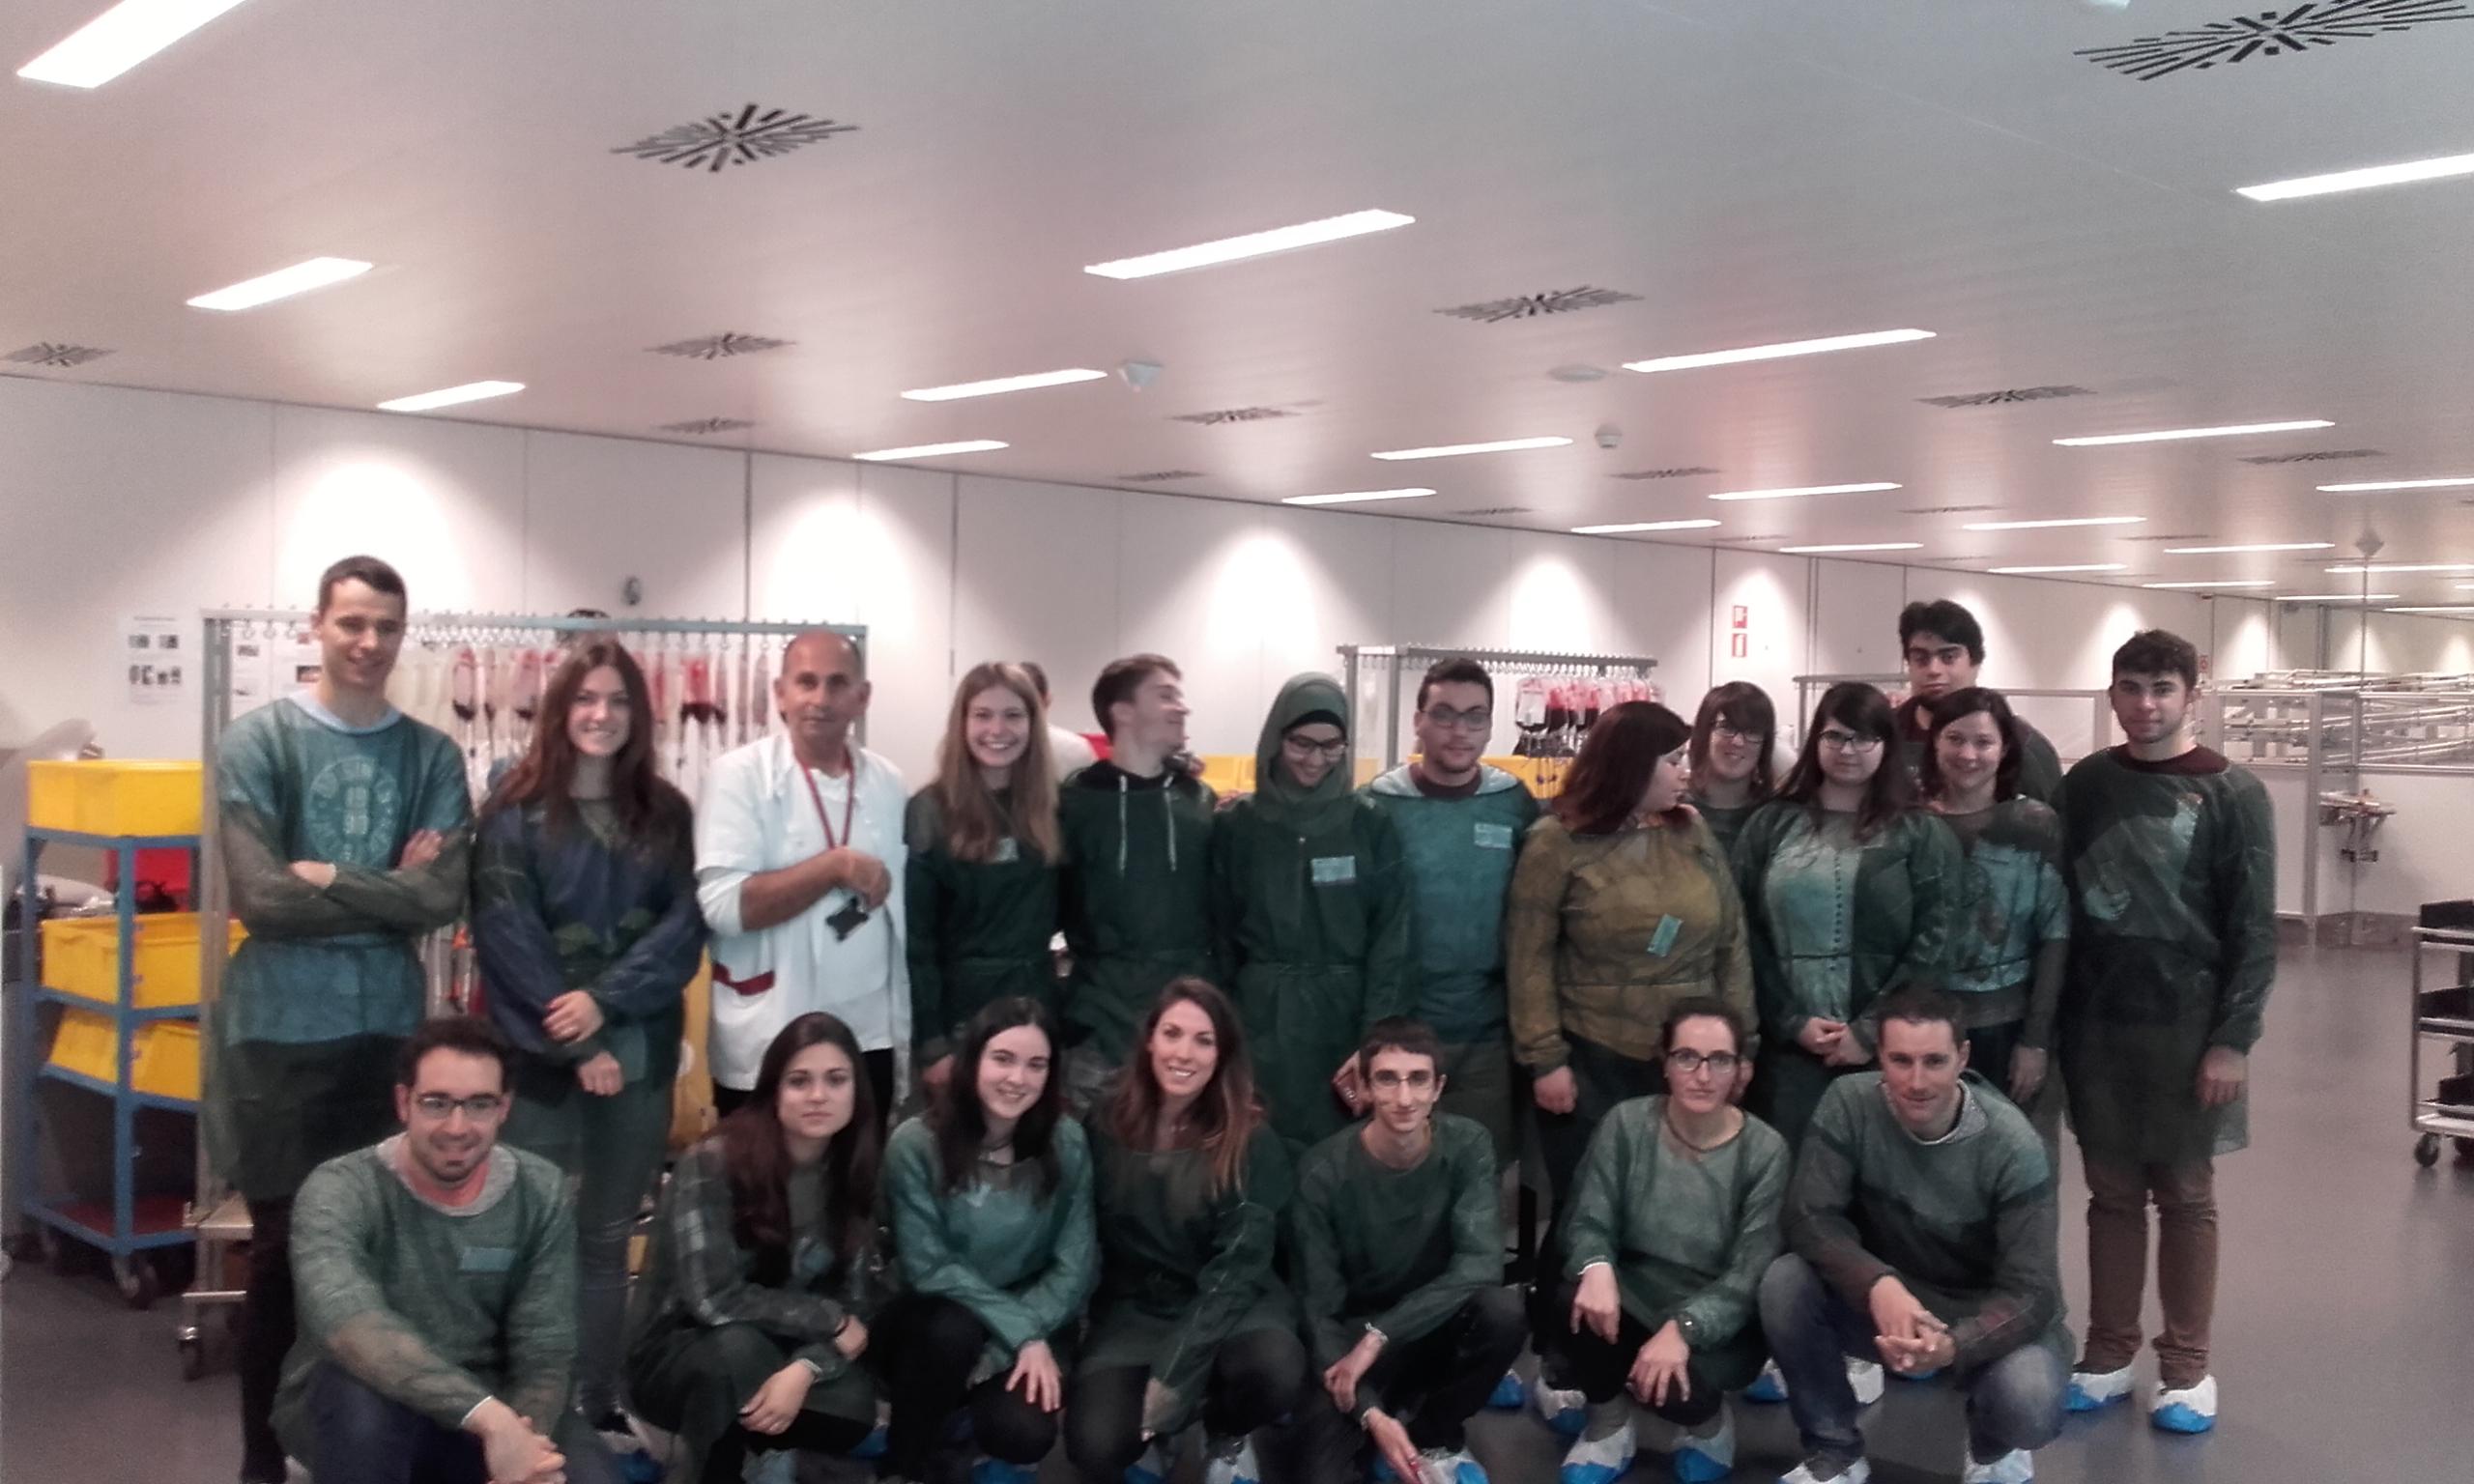 Alumnes i professors de l'Institut de Vic van visitar la setmana passada el Banc de Sang a Barcelona